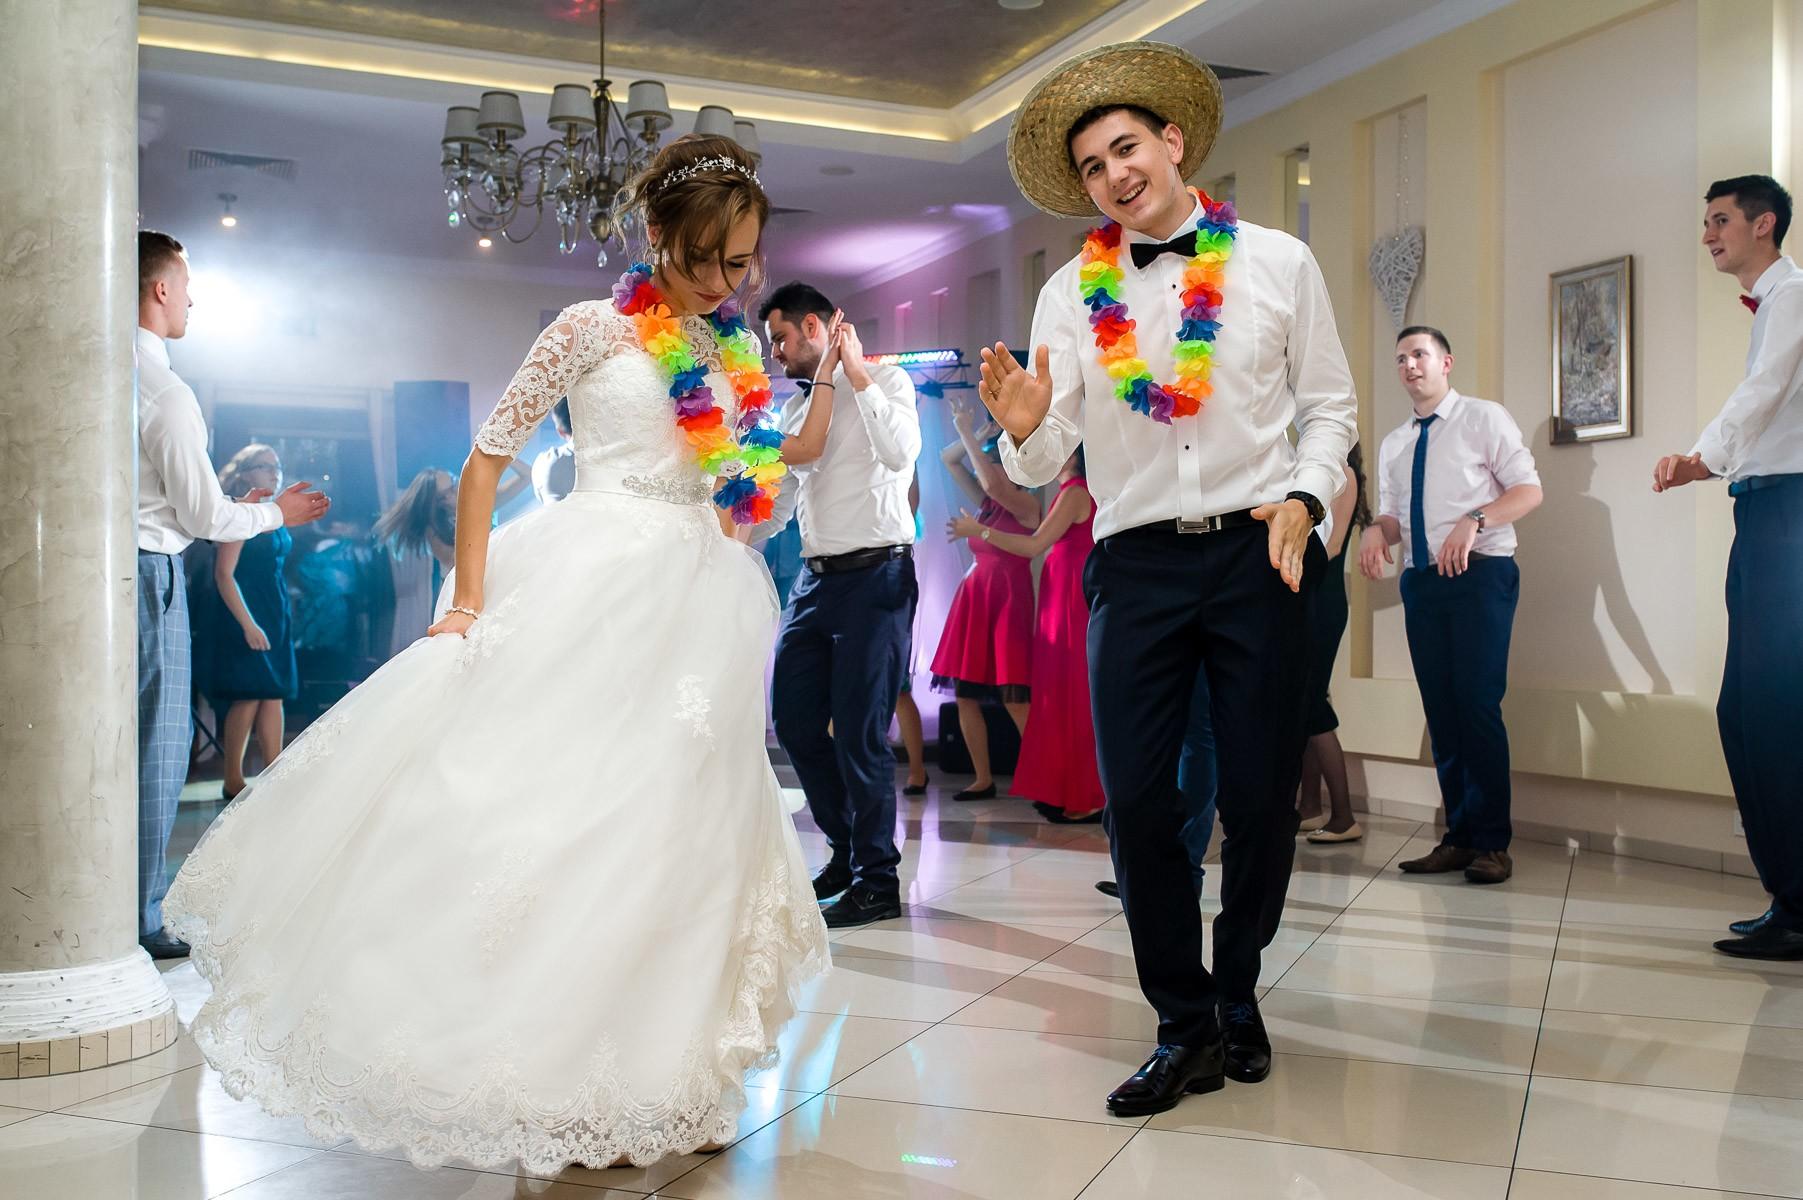 sala na skarpie fotograf slubny slask malopolska adam pietrusiak plener slubny w gorach jw wedding 151